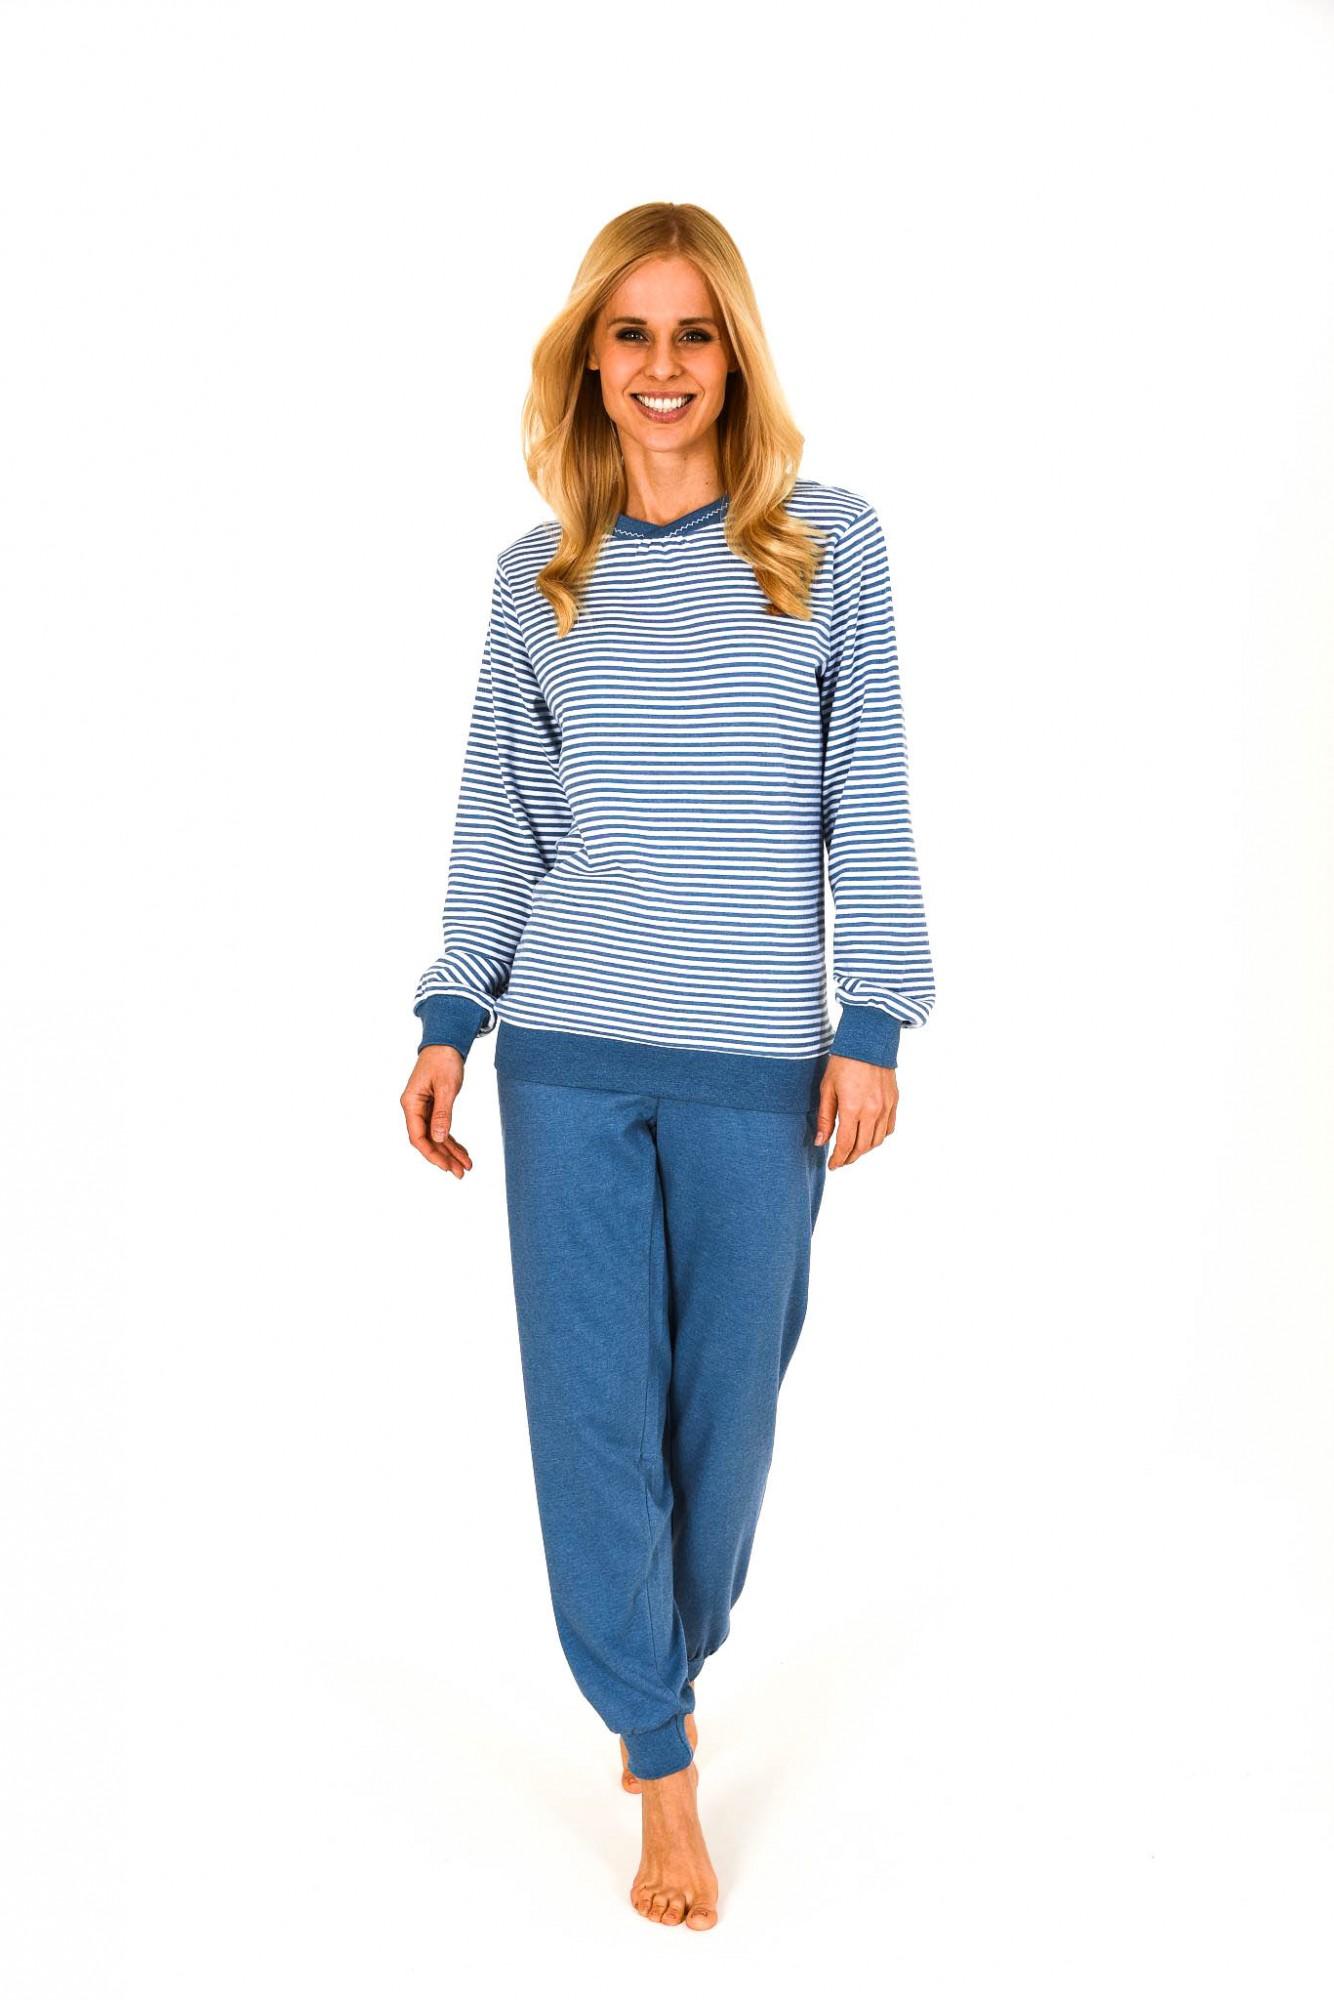 Edler Damen Pyjama lang mit Bündchen in Kuschel-Interlock-Qualität –  201 96 237 001